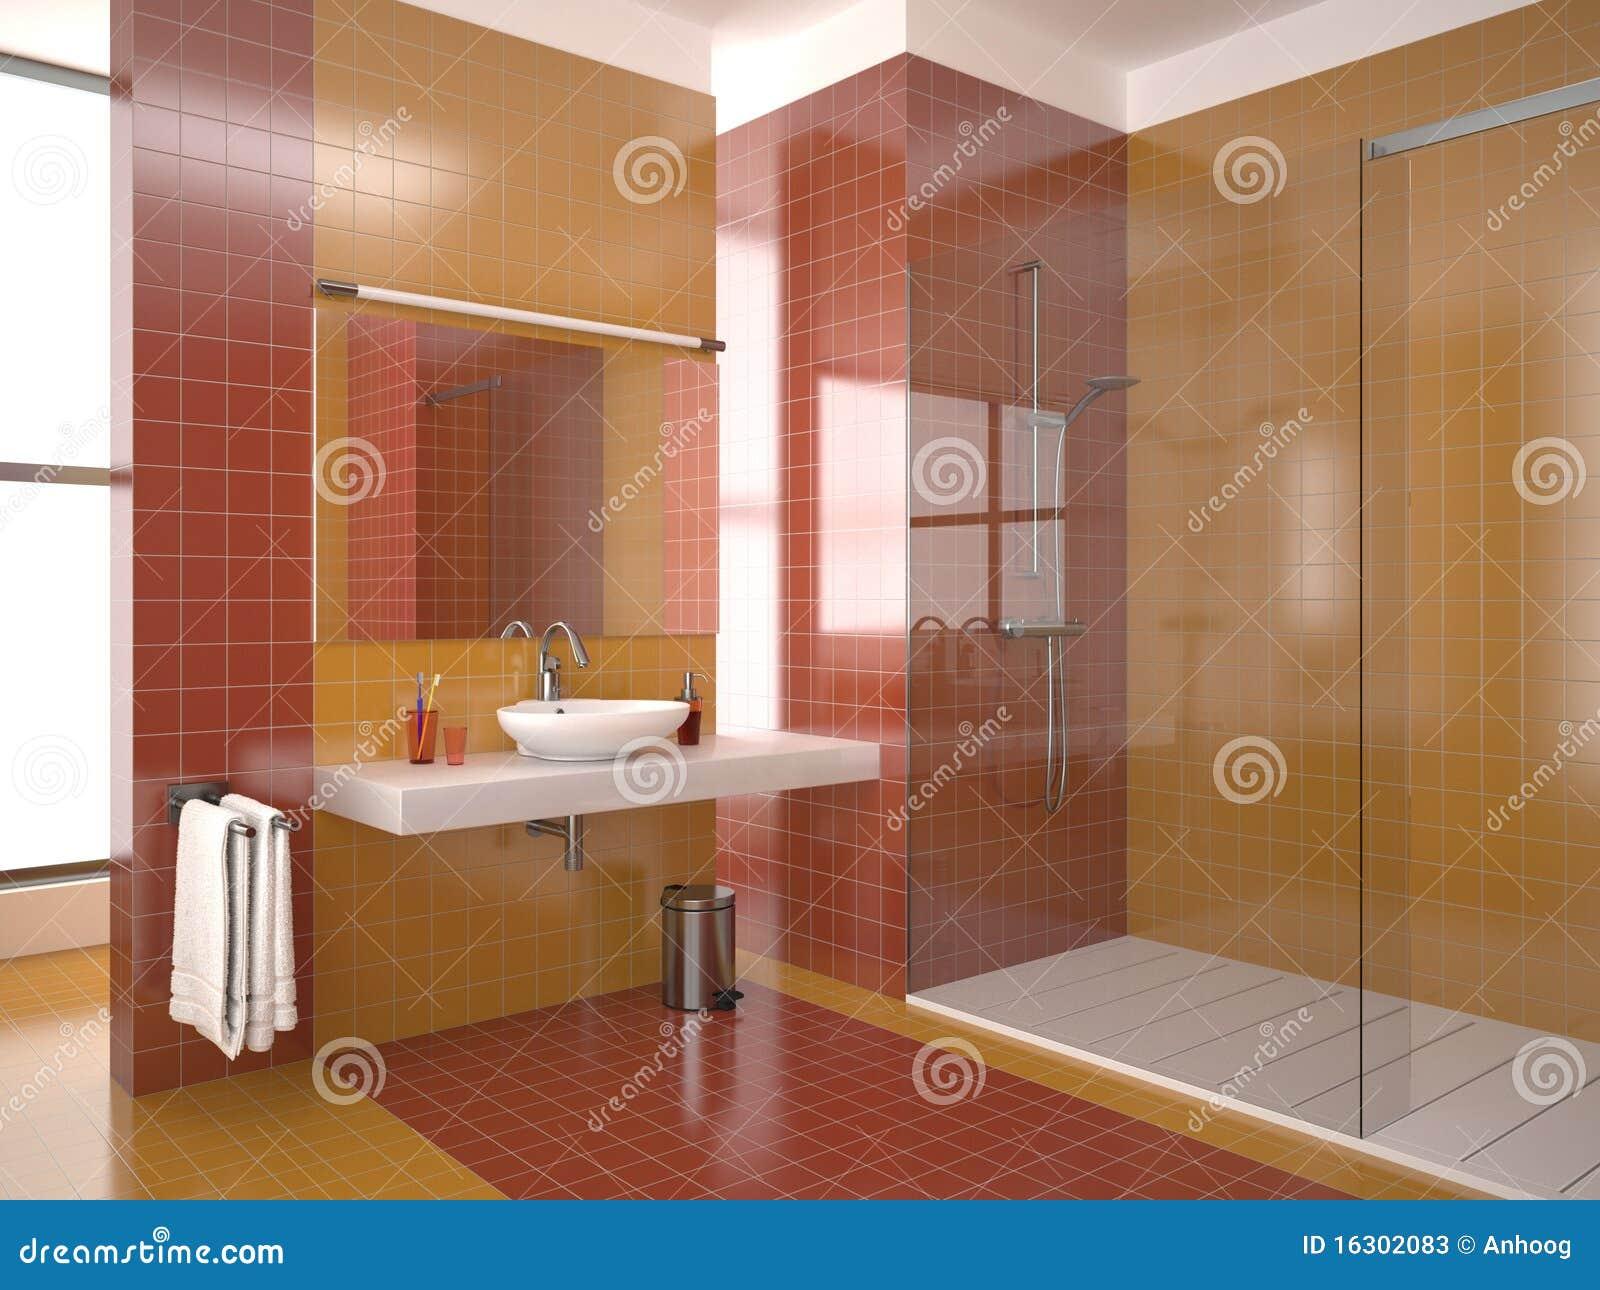 Piastrelle Arancioni Per Bagno stanza da bagno moderna con le mattonelle rosse ed arancioni